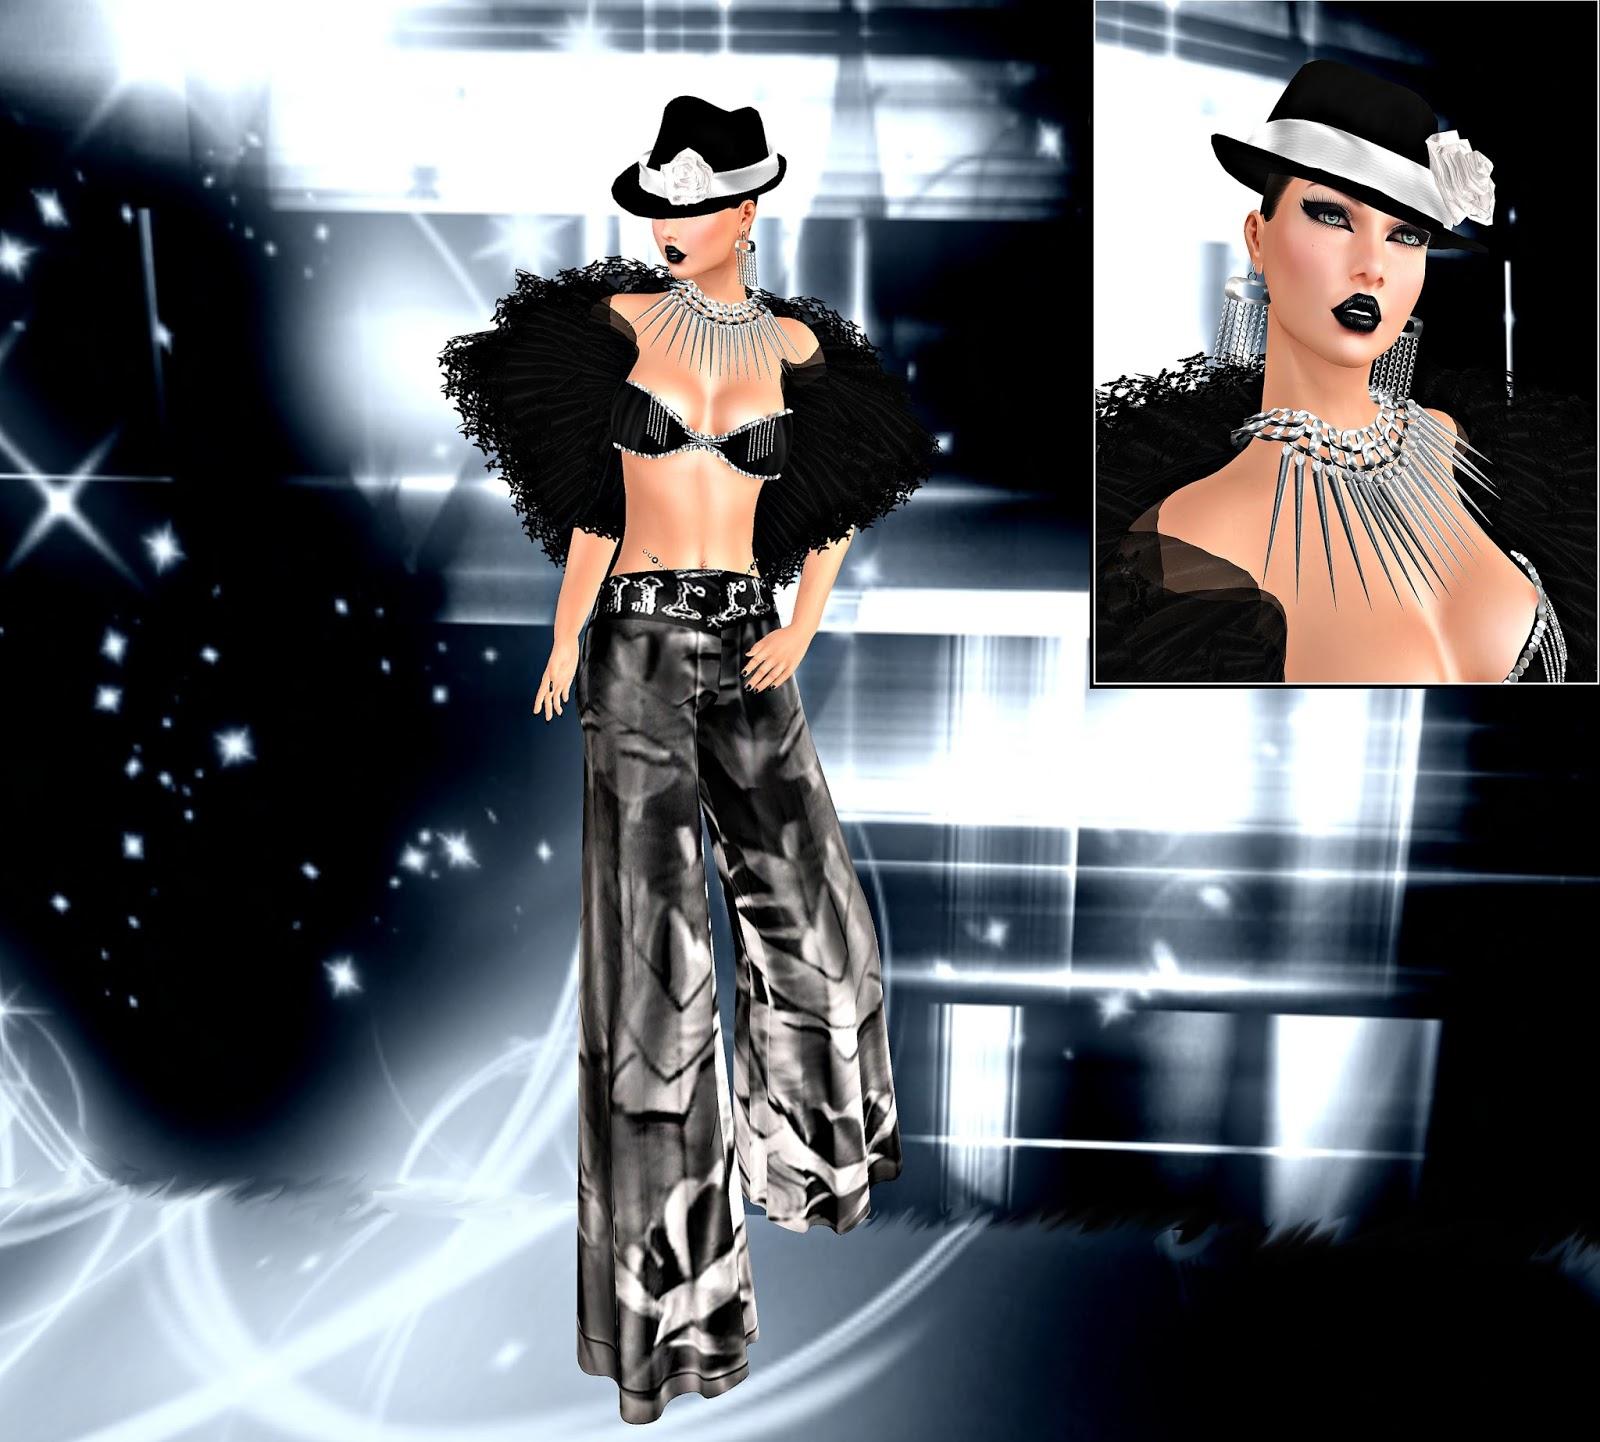 Lisana 39 s model life virtual diva couture ferosh fashion - Virtual diva fast and furious 4 ...